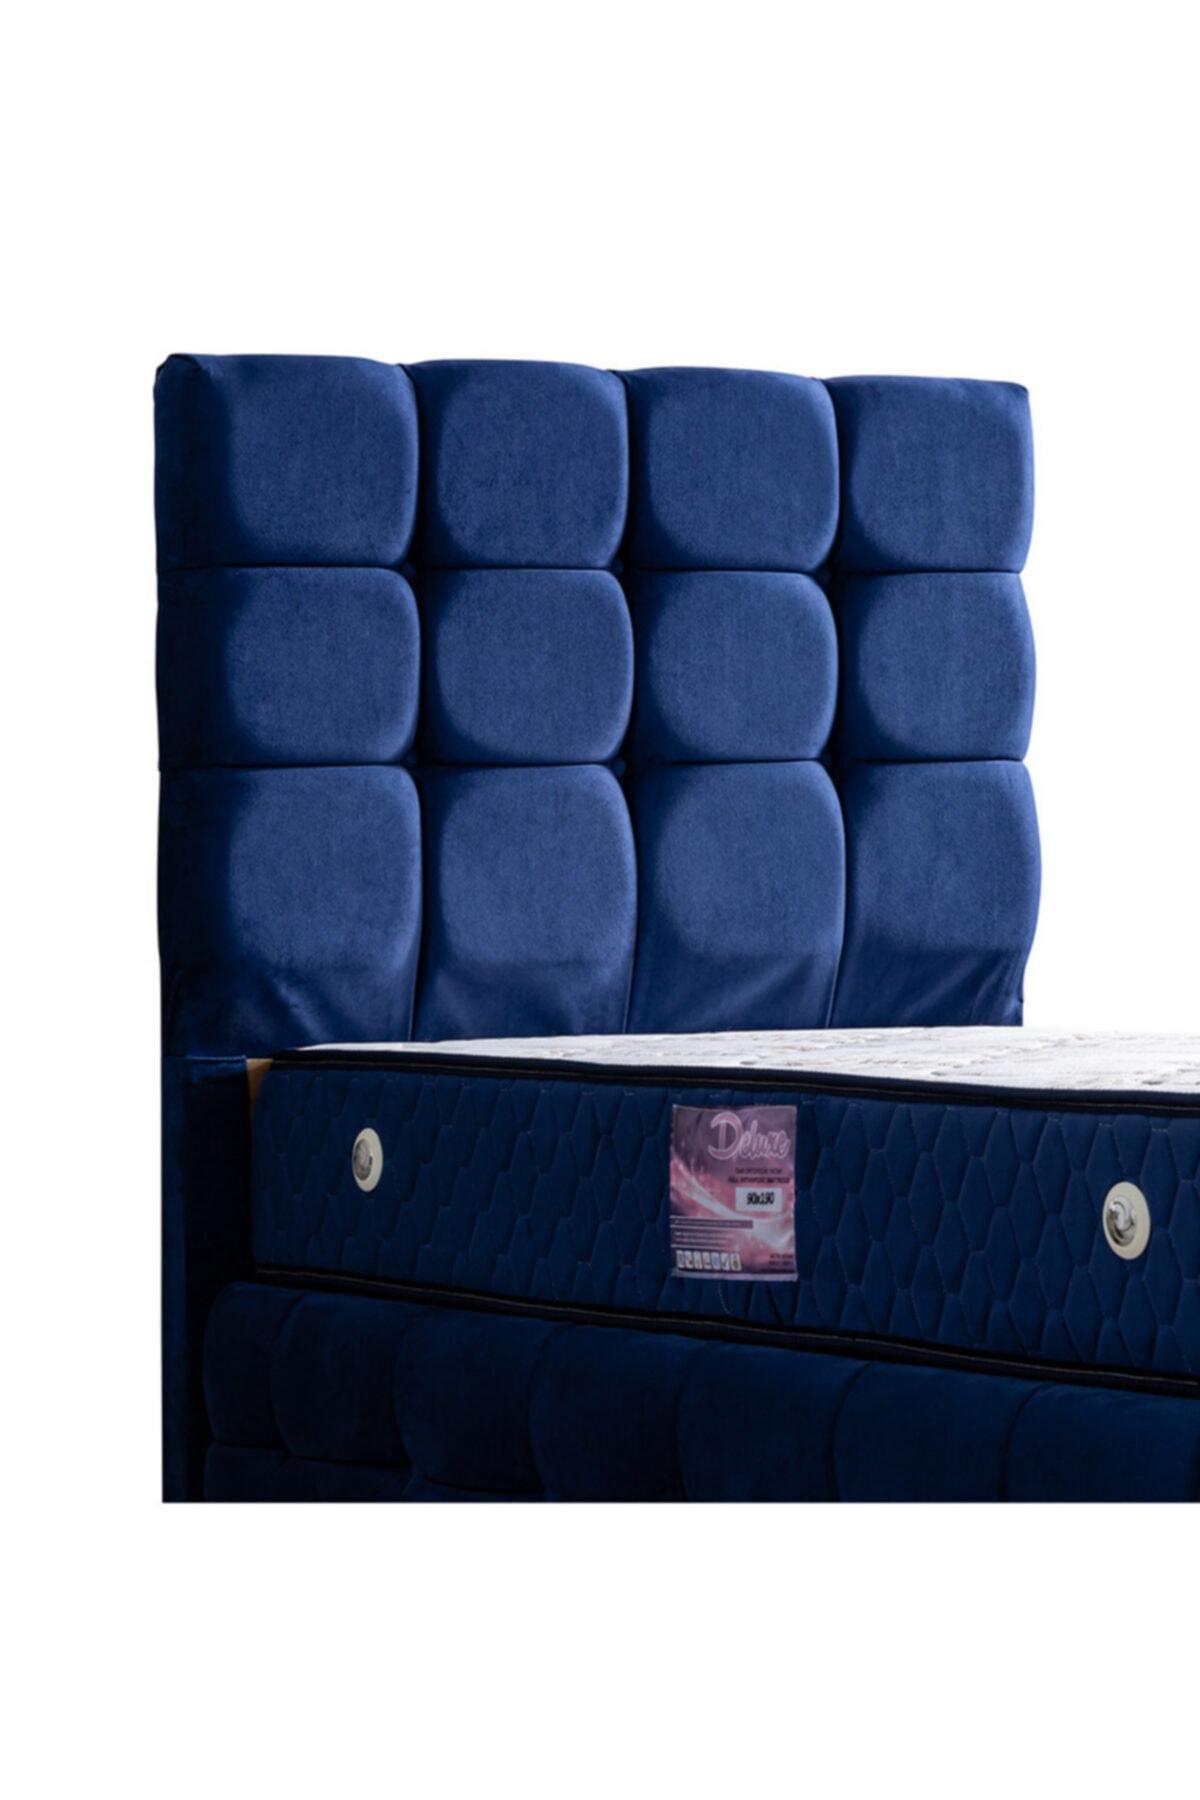 Setay Duke Lux Baza Başlık Deluxe Ortopedik Yatak Seti, Lacivert